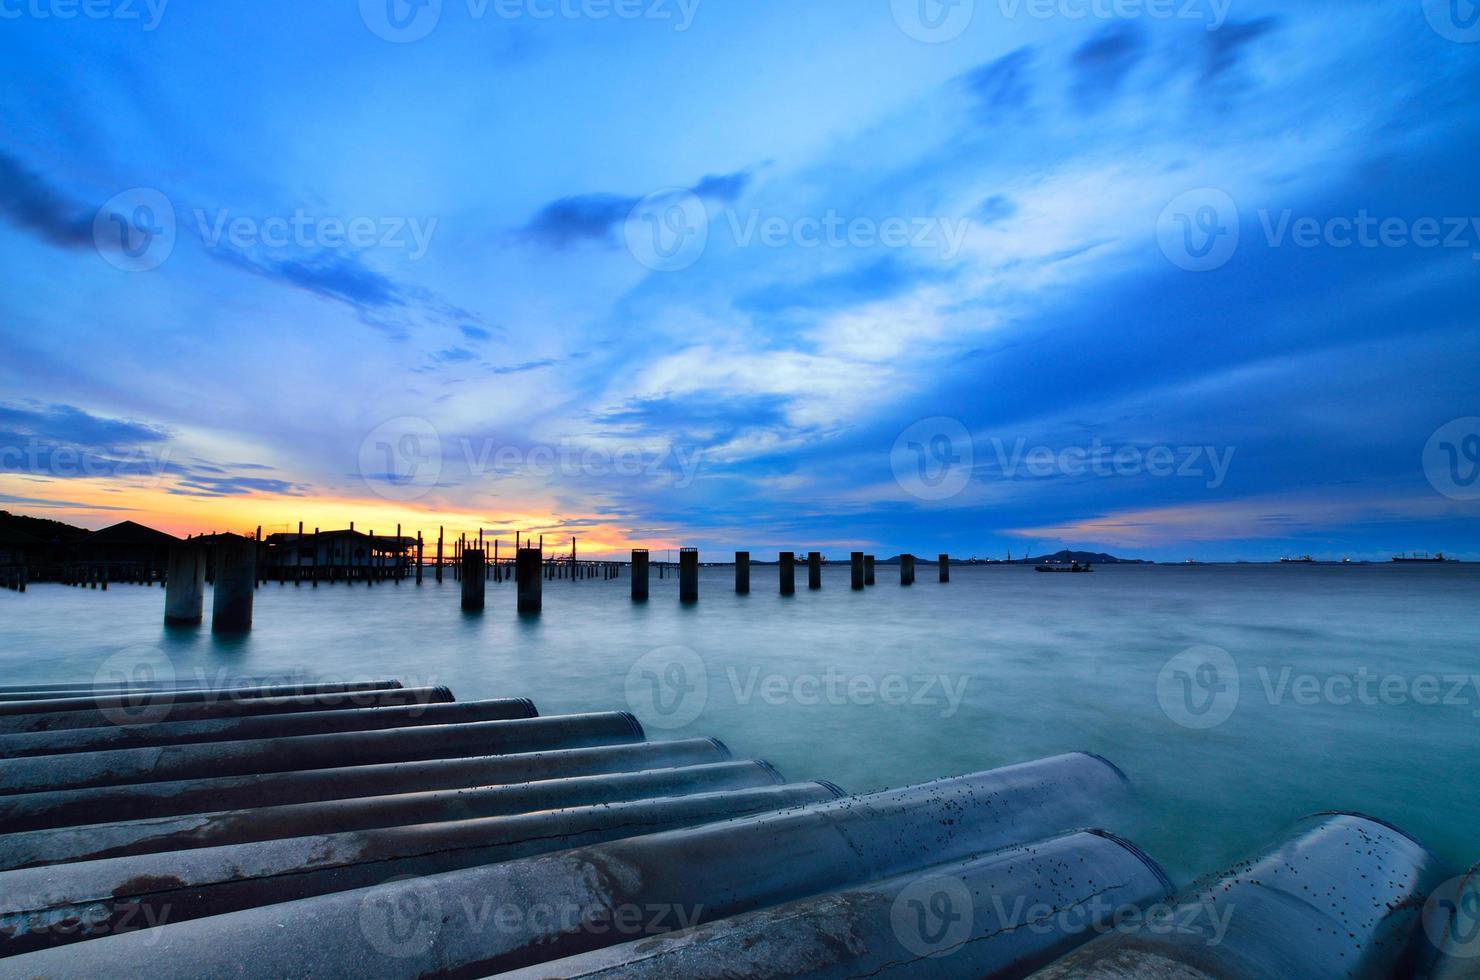 ciel coucher de soleil avec colonne de pont dans la mer photo